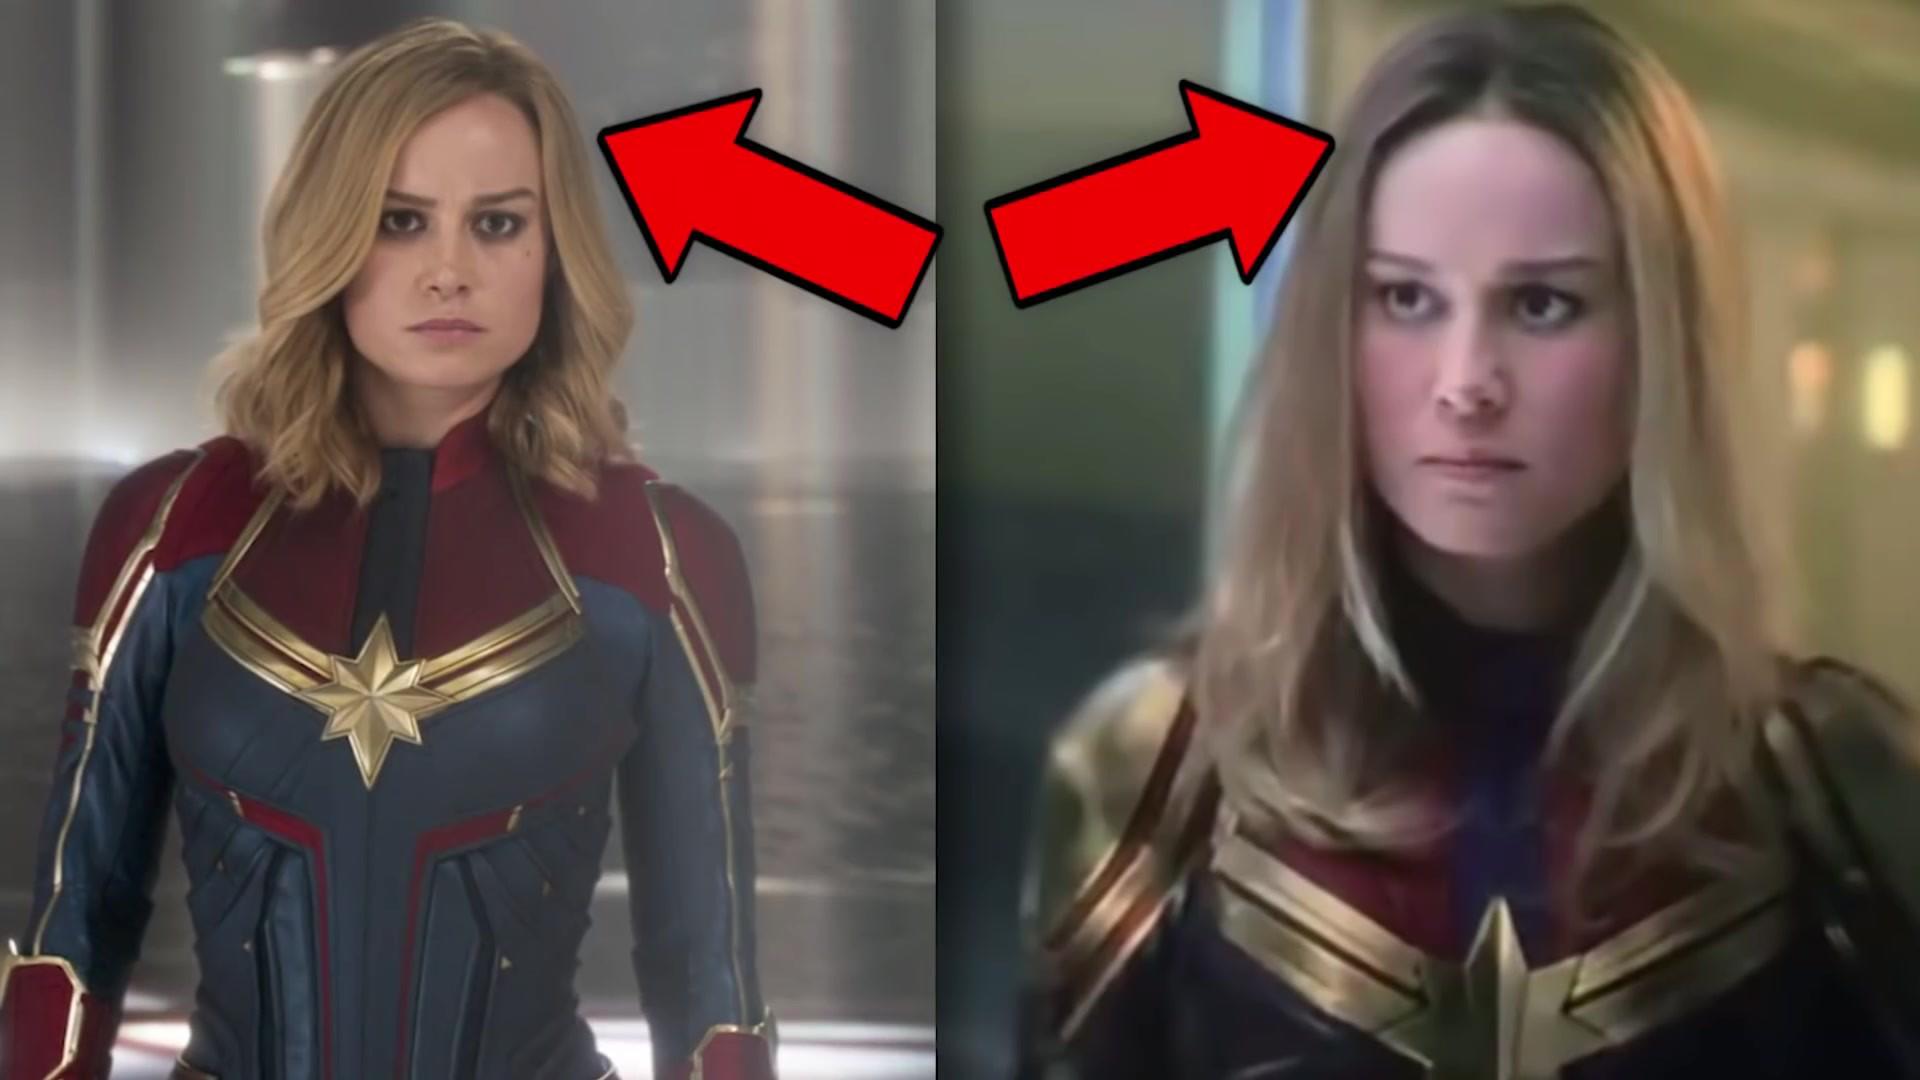 Có ai nhận ra ngày Captain Marvel trở về trái đất, chị đại bỗng được mông má xinh hơn hẳn? - Ảnh 3.